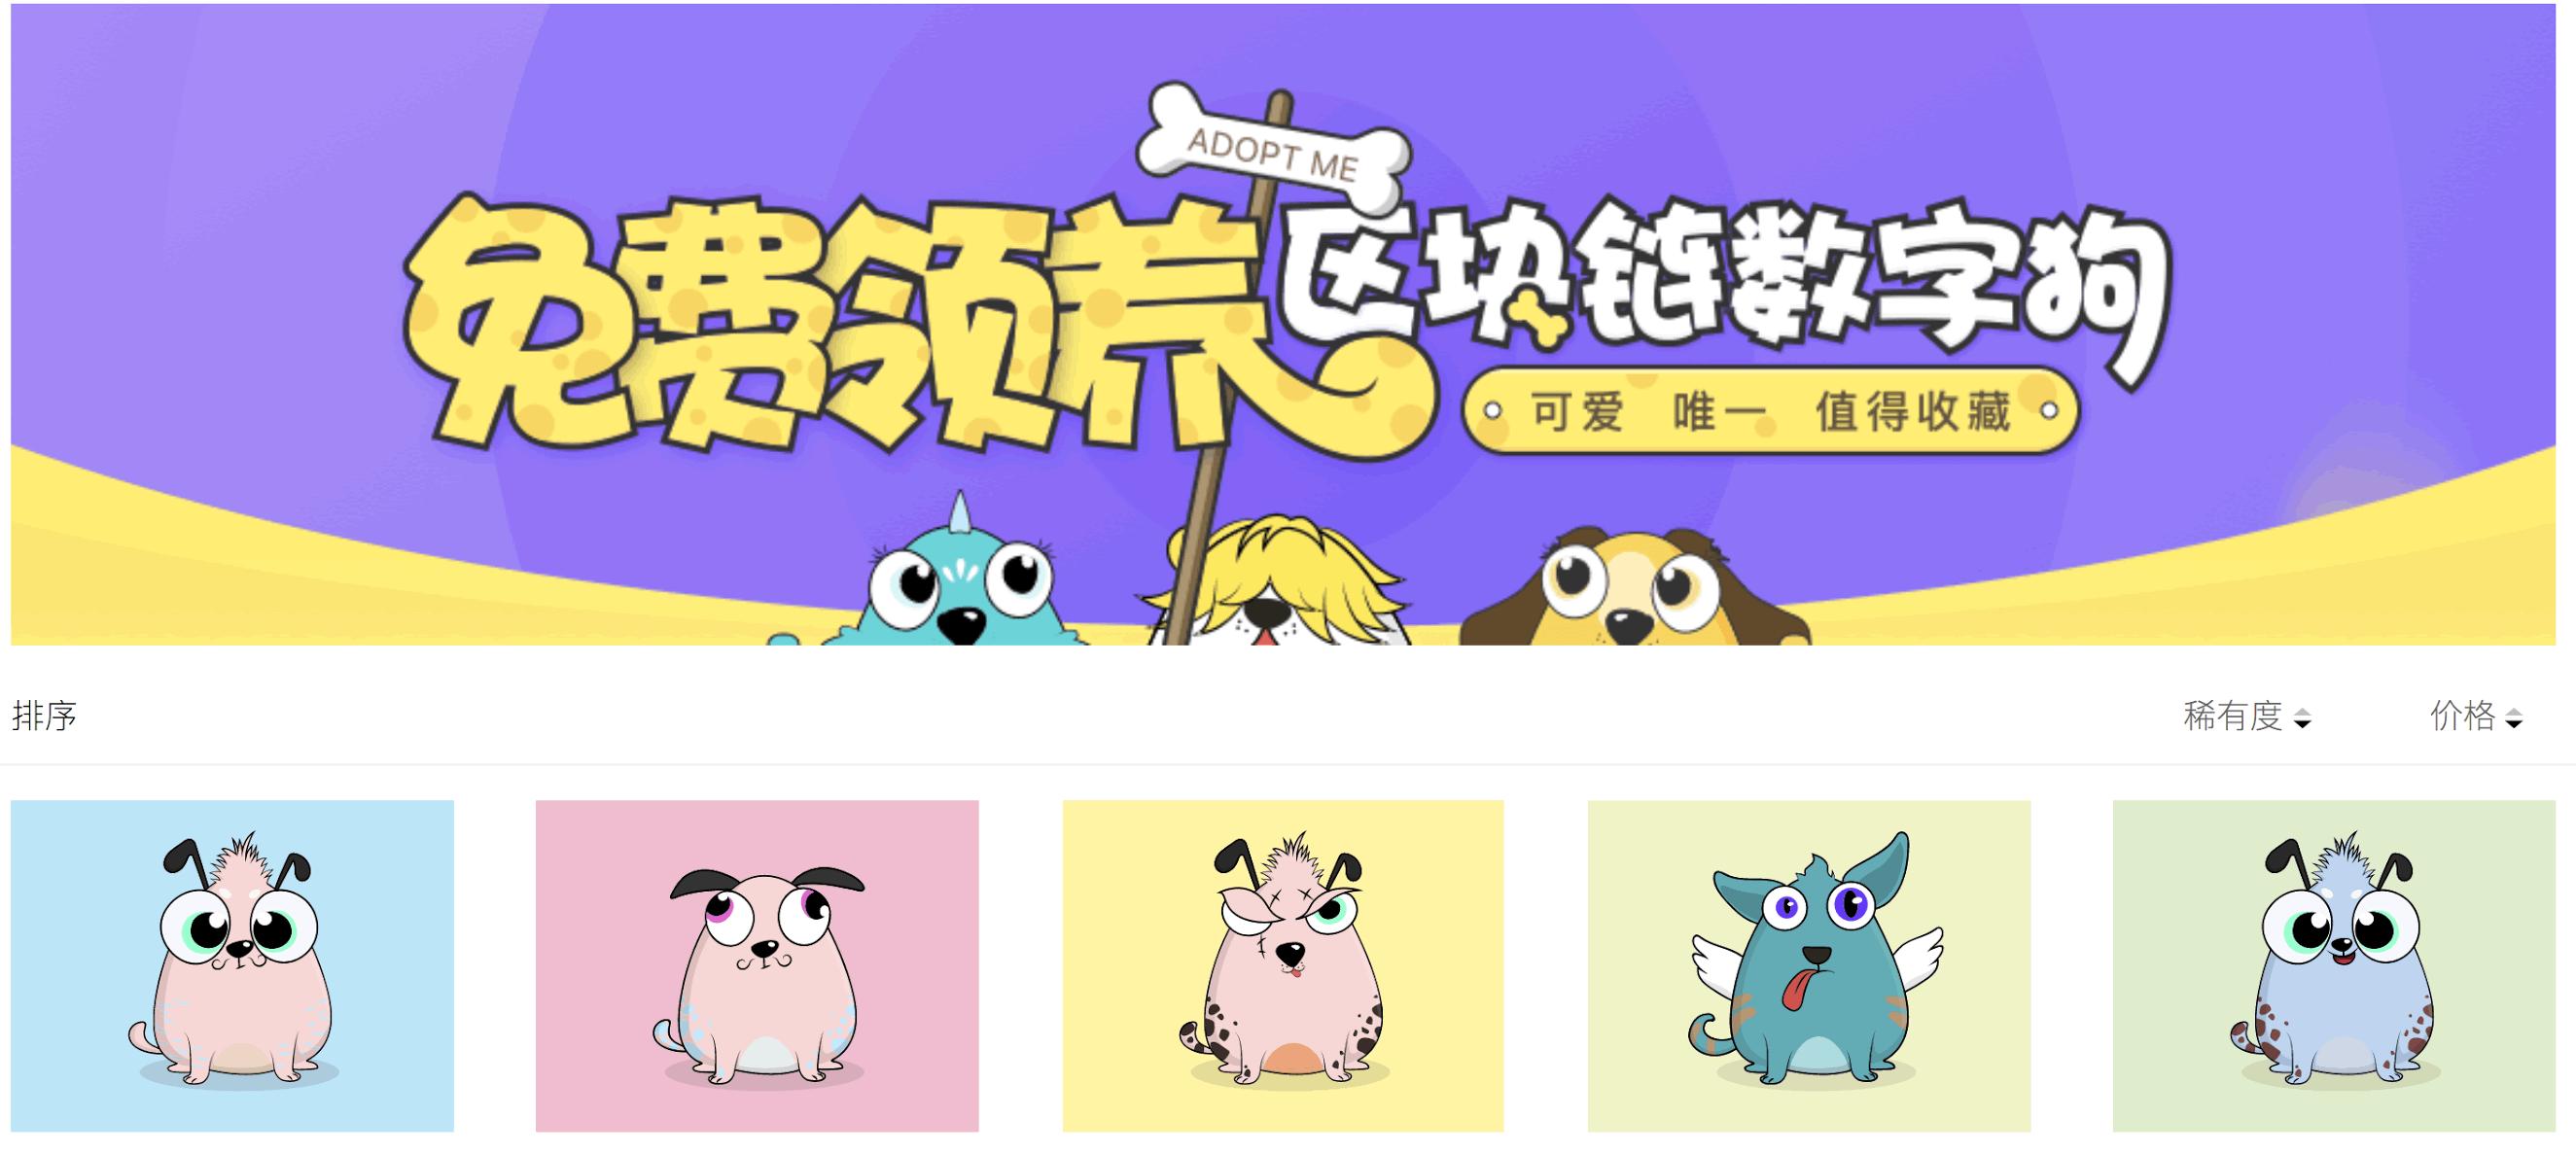 中国の大手検索エンジンBaiduが子犬育成ゲーム「Leci Gou」をリリース